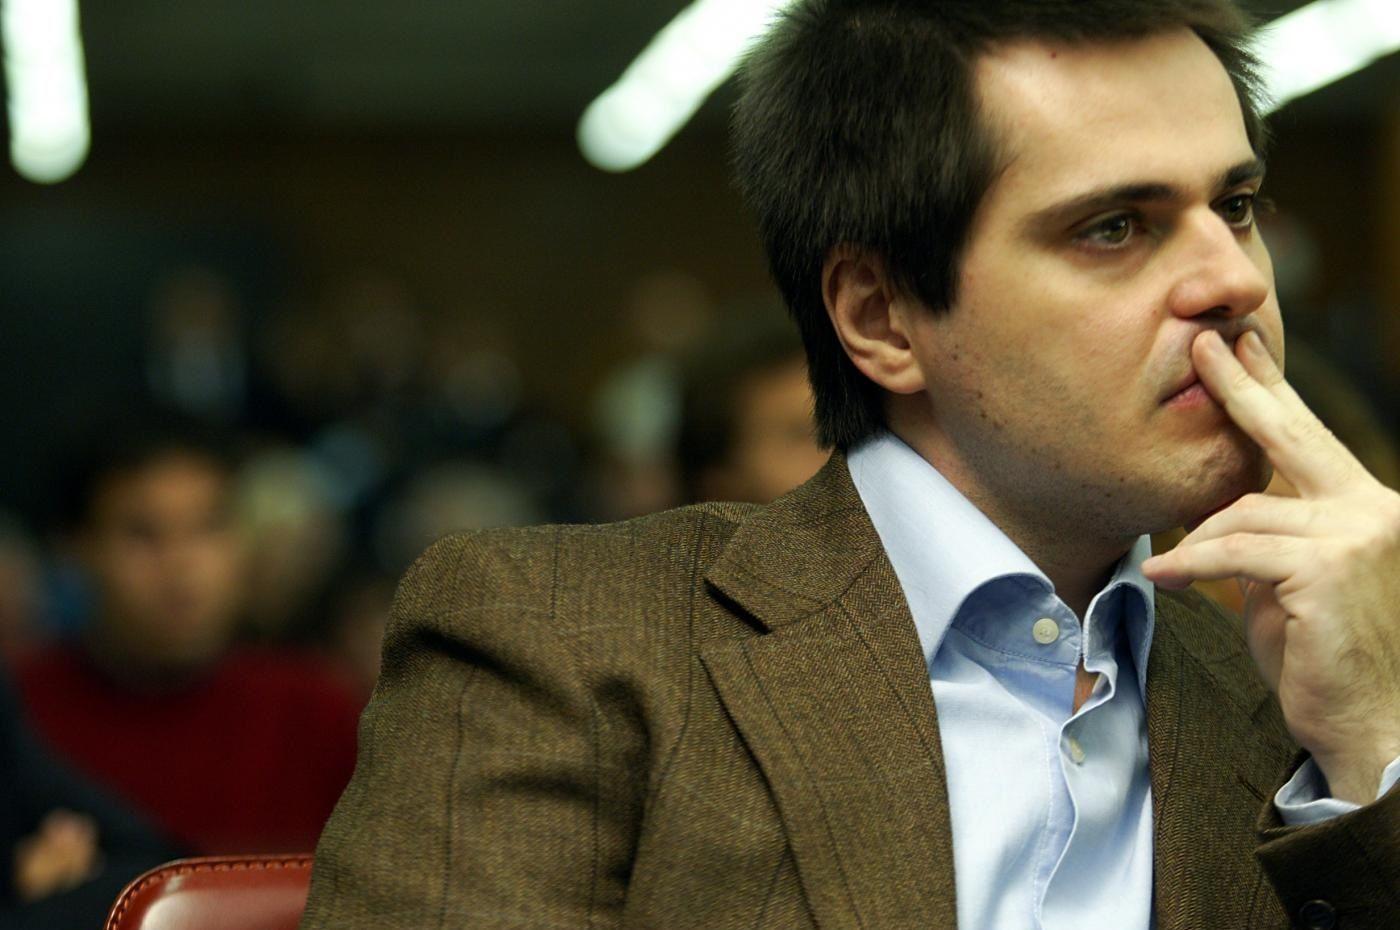 Giovanni Scattone uccise Marta Russo, professore grazie alla Buona Scuola di Renzi rinuncia alla cattedra